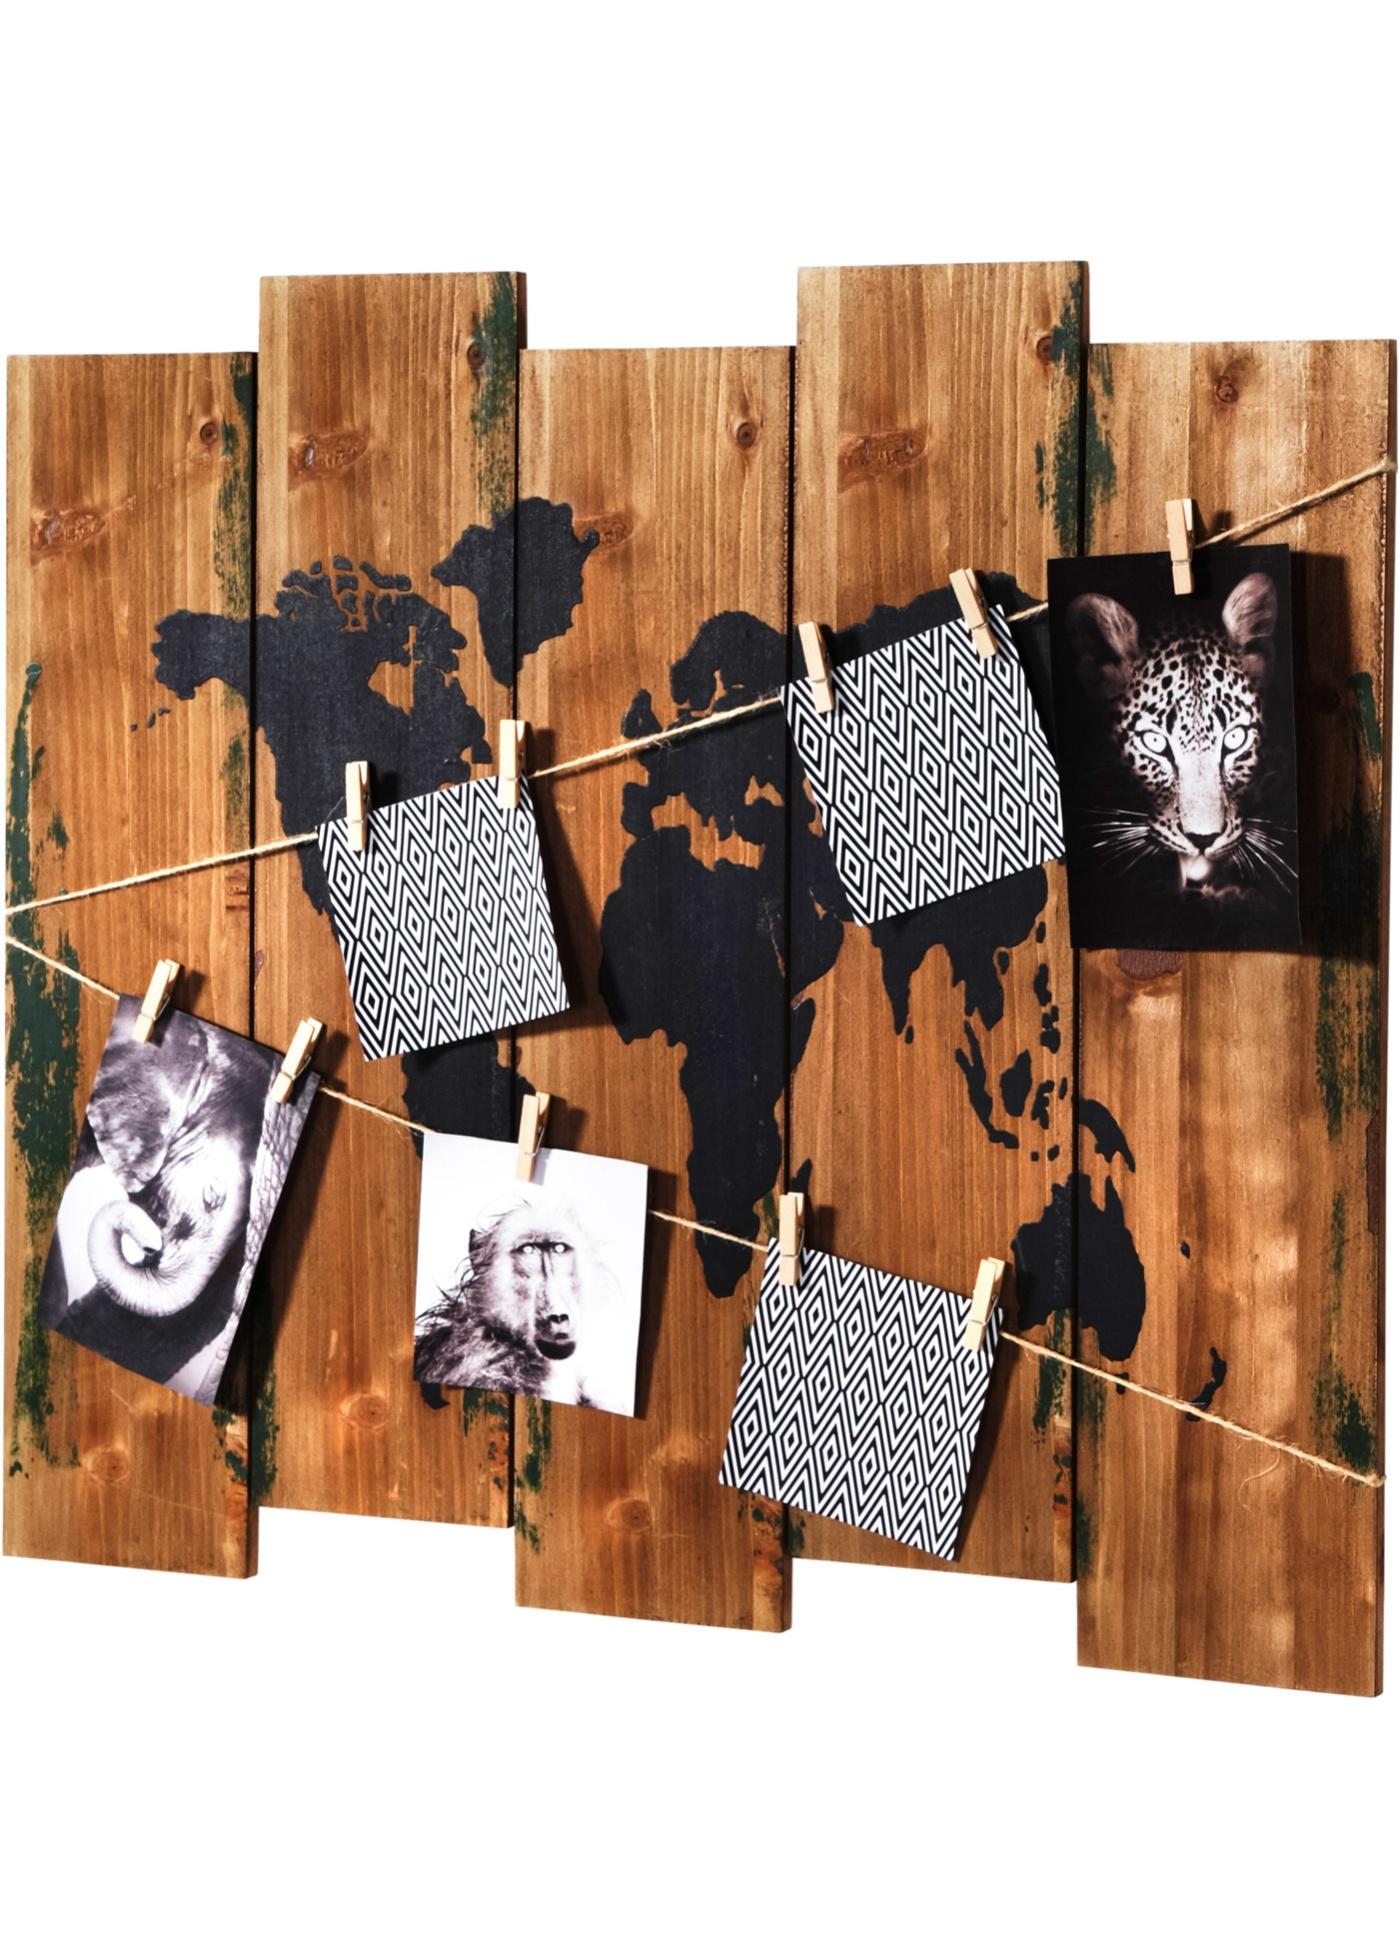 Mappemonde style vintage avec corde et 10 pinces à linge pour suspendre vos photos, cartes postales et autres souvenirs. H/l/P env. 53x60x2 cm.